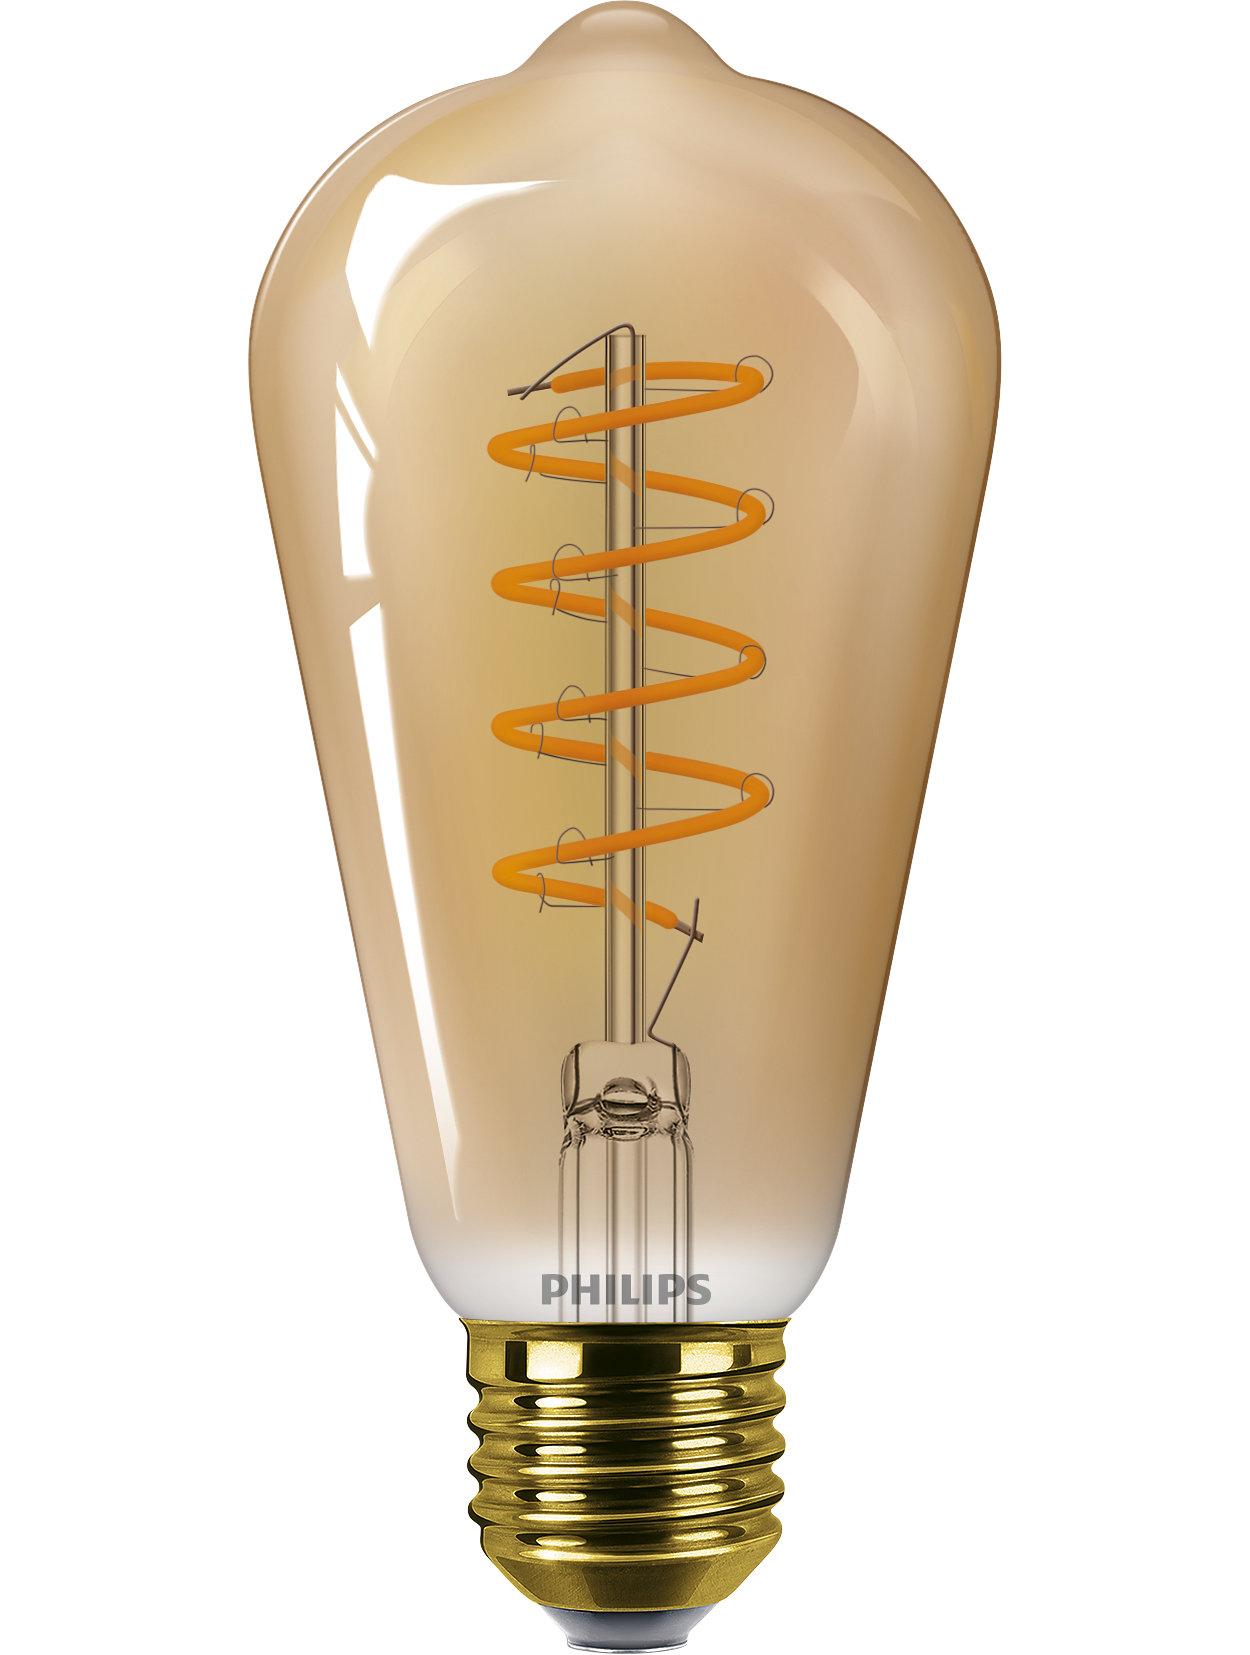 Ampoule LED pour la maison, à la pointe de la technique